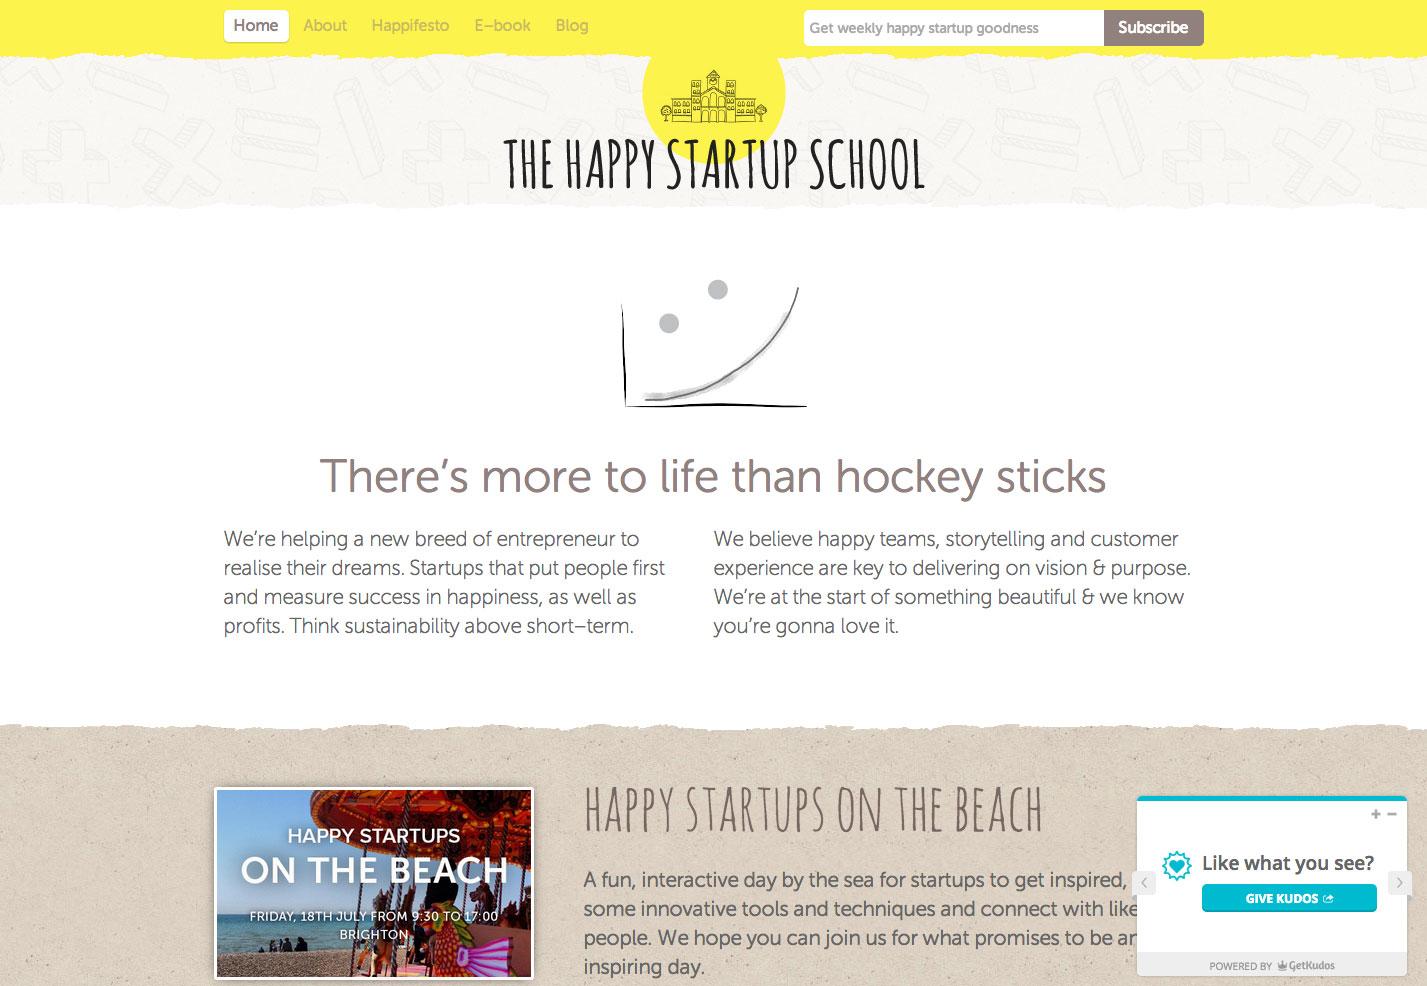 la escuela de inicio feliz